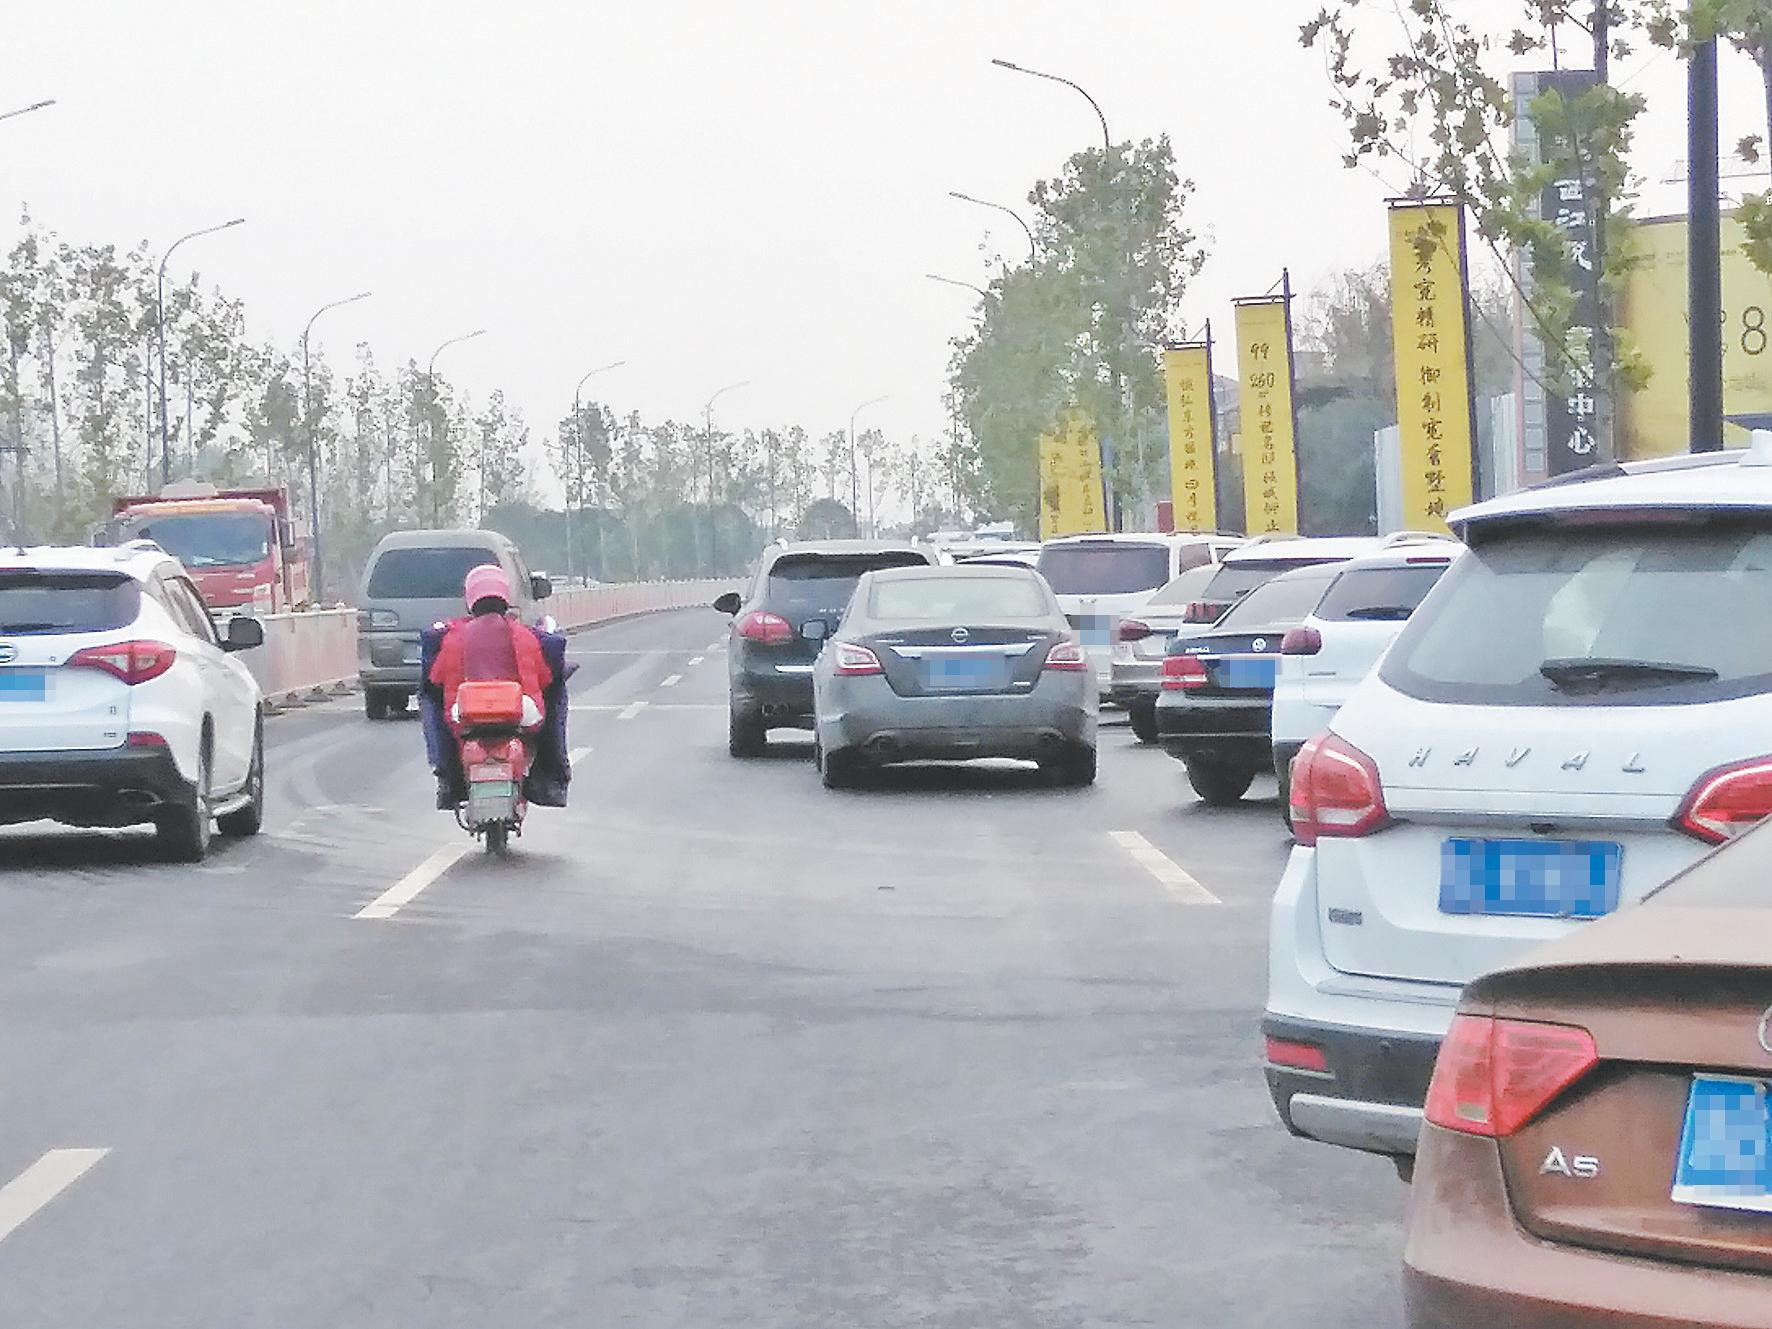 """近百辆车占道停放 交通安全隐患不小 西江路部分路段成""""停车场"""""""